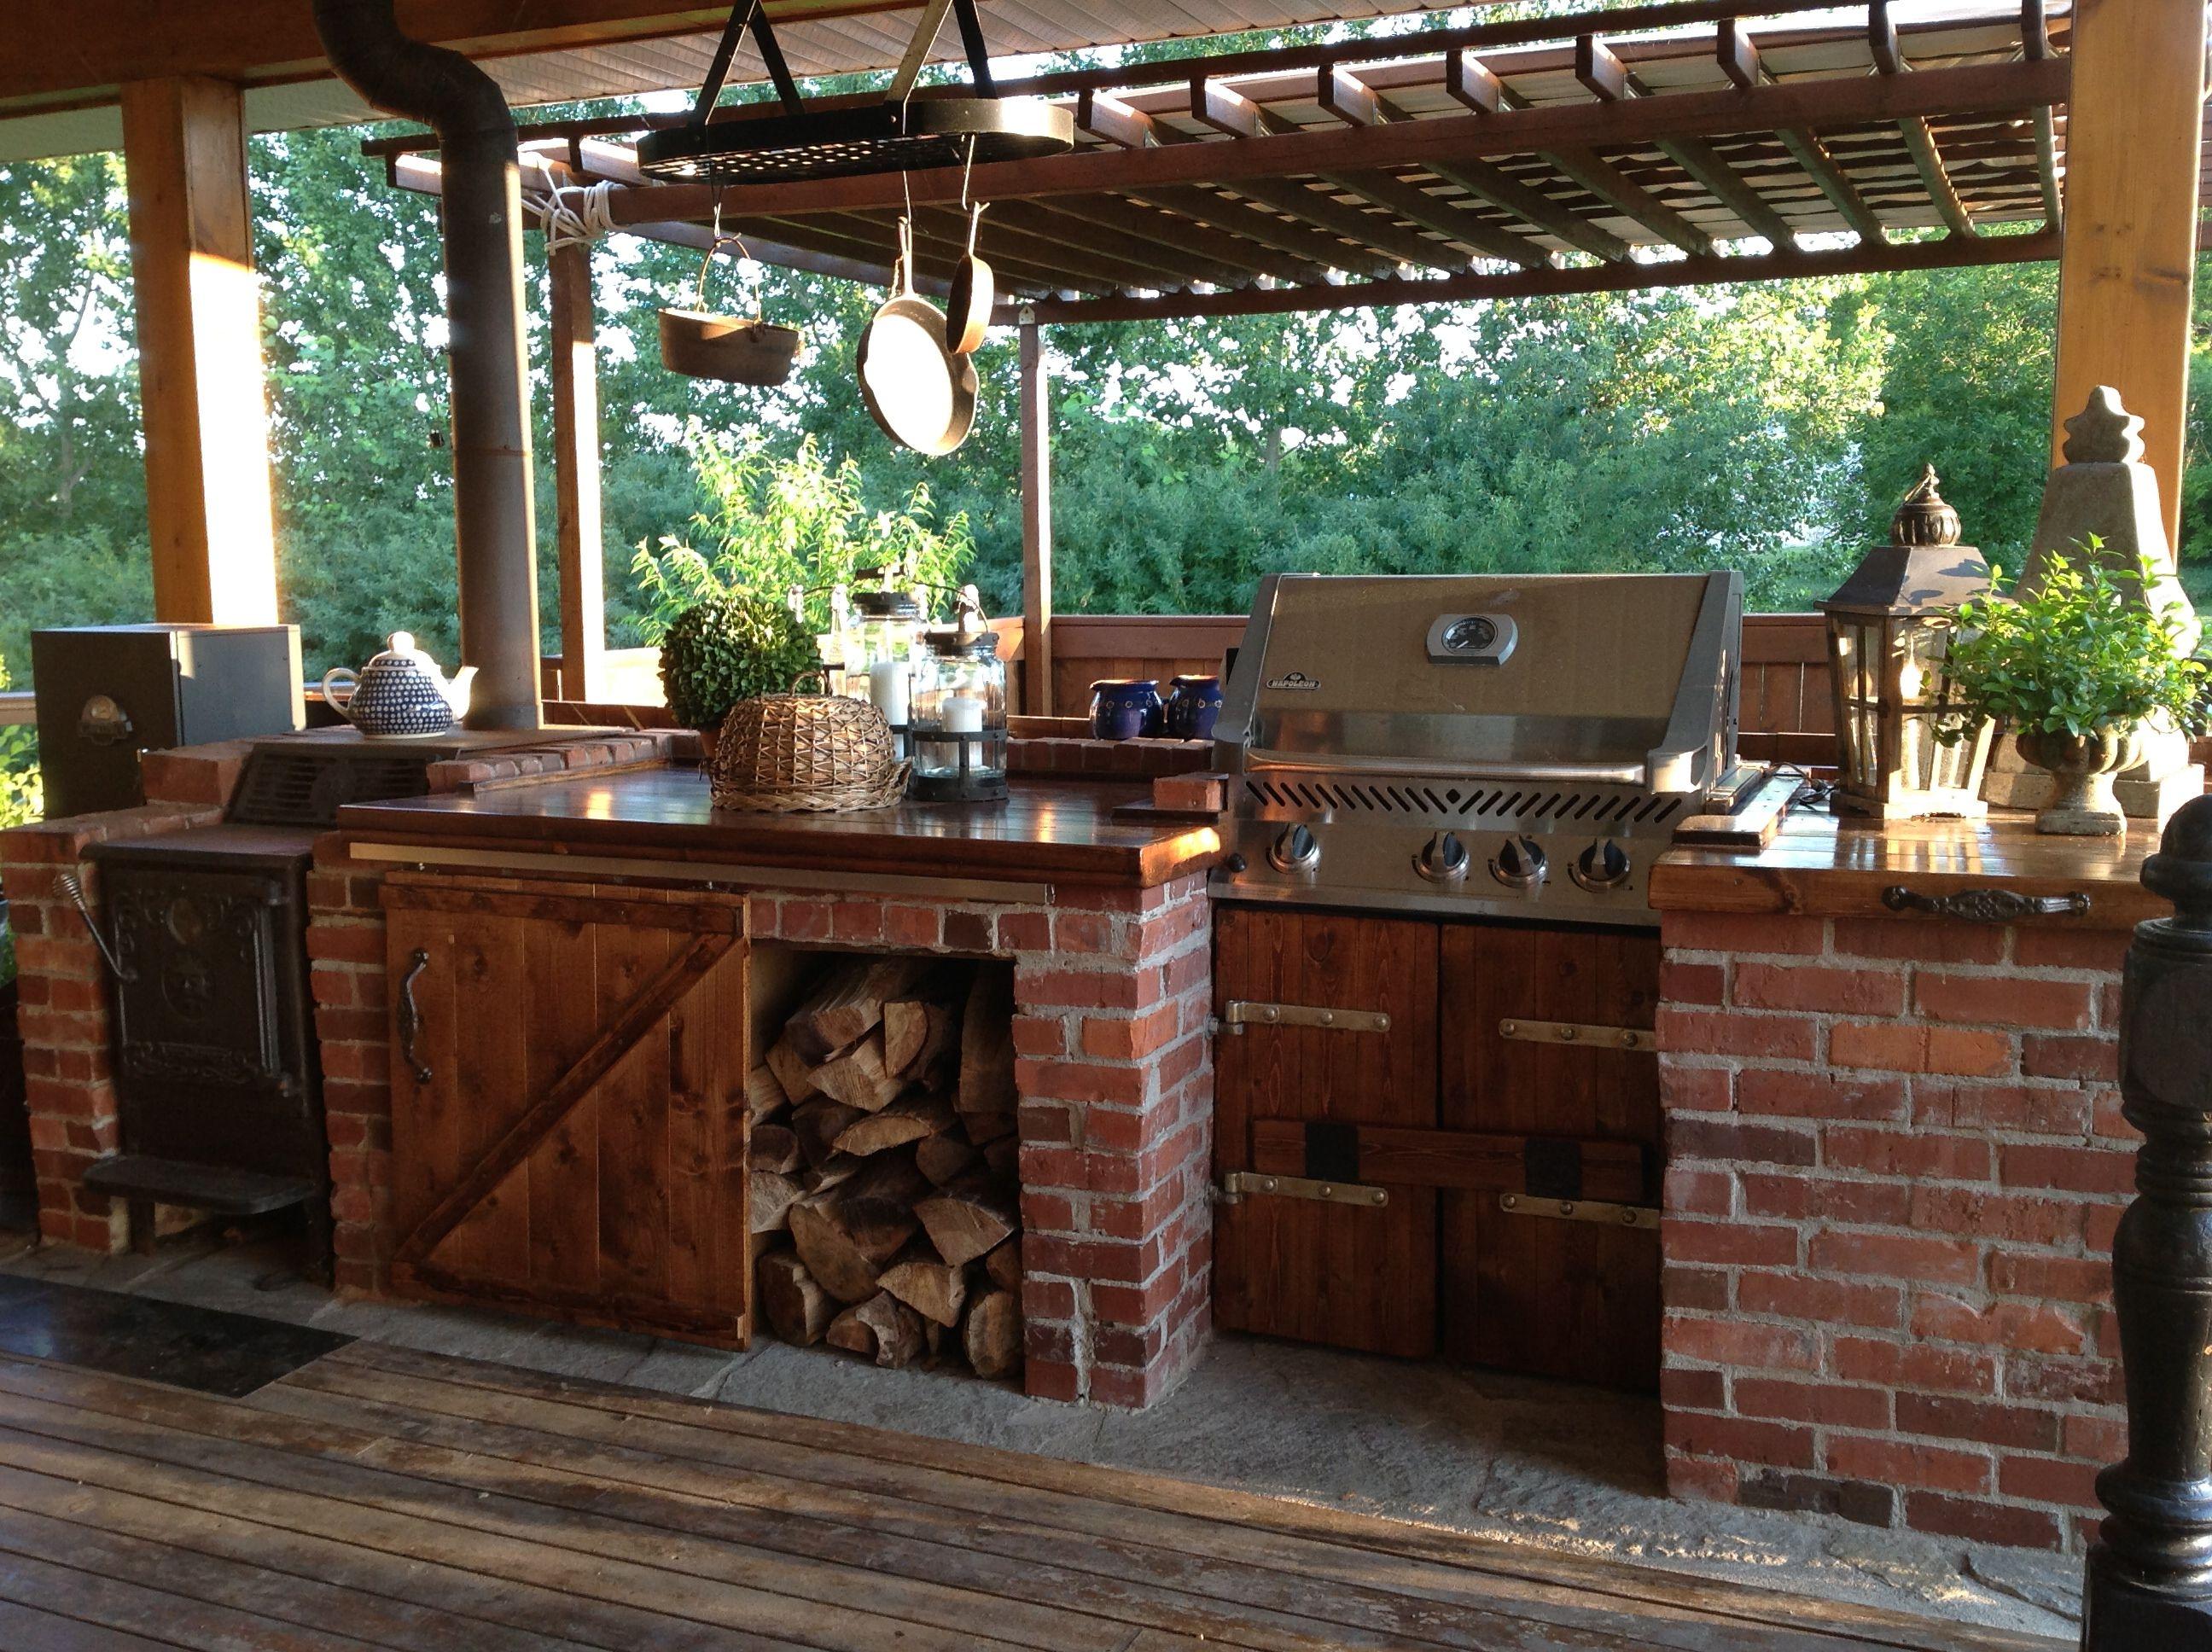 gemauerte kchen kchen in 2019 rustic country kitchens On gemauerte outdoorkuchen